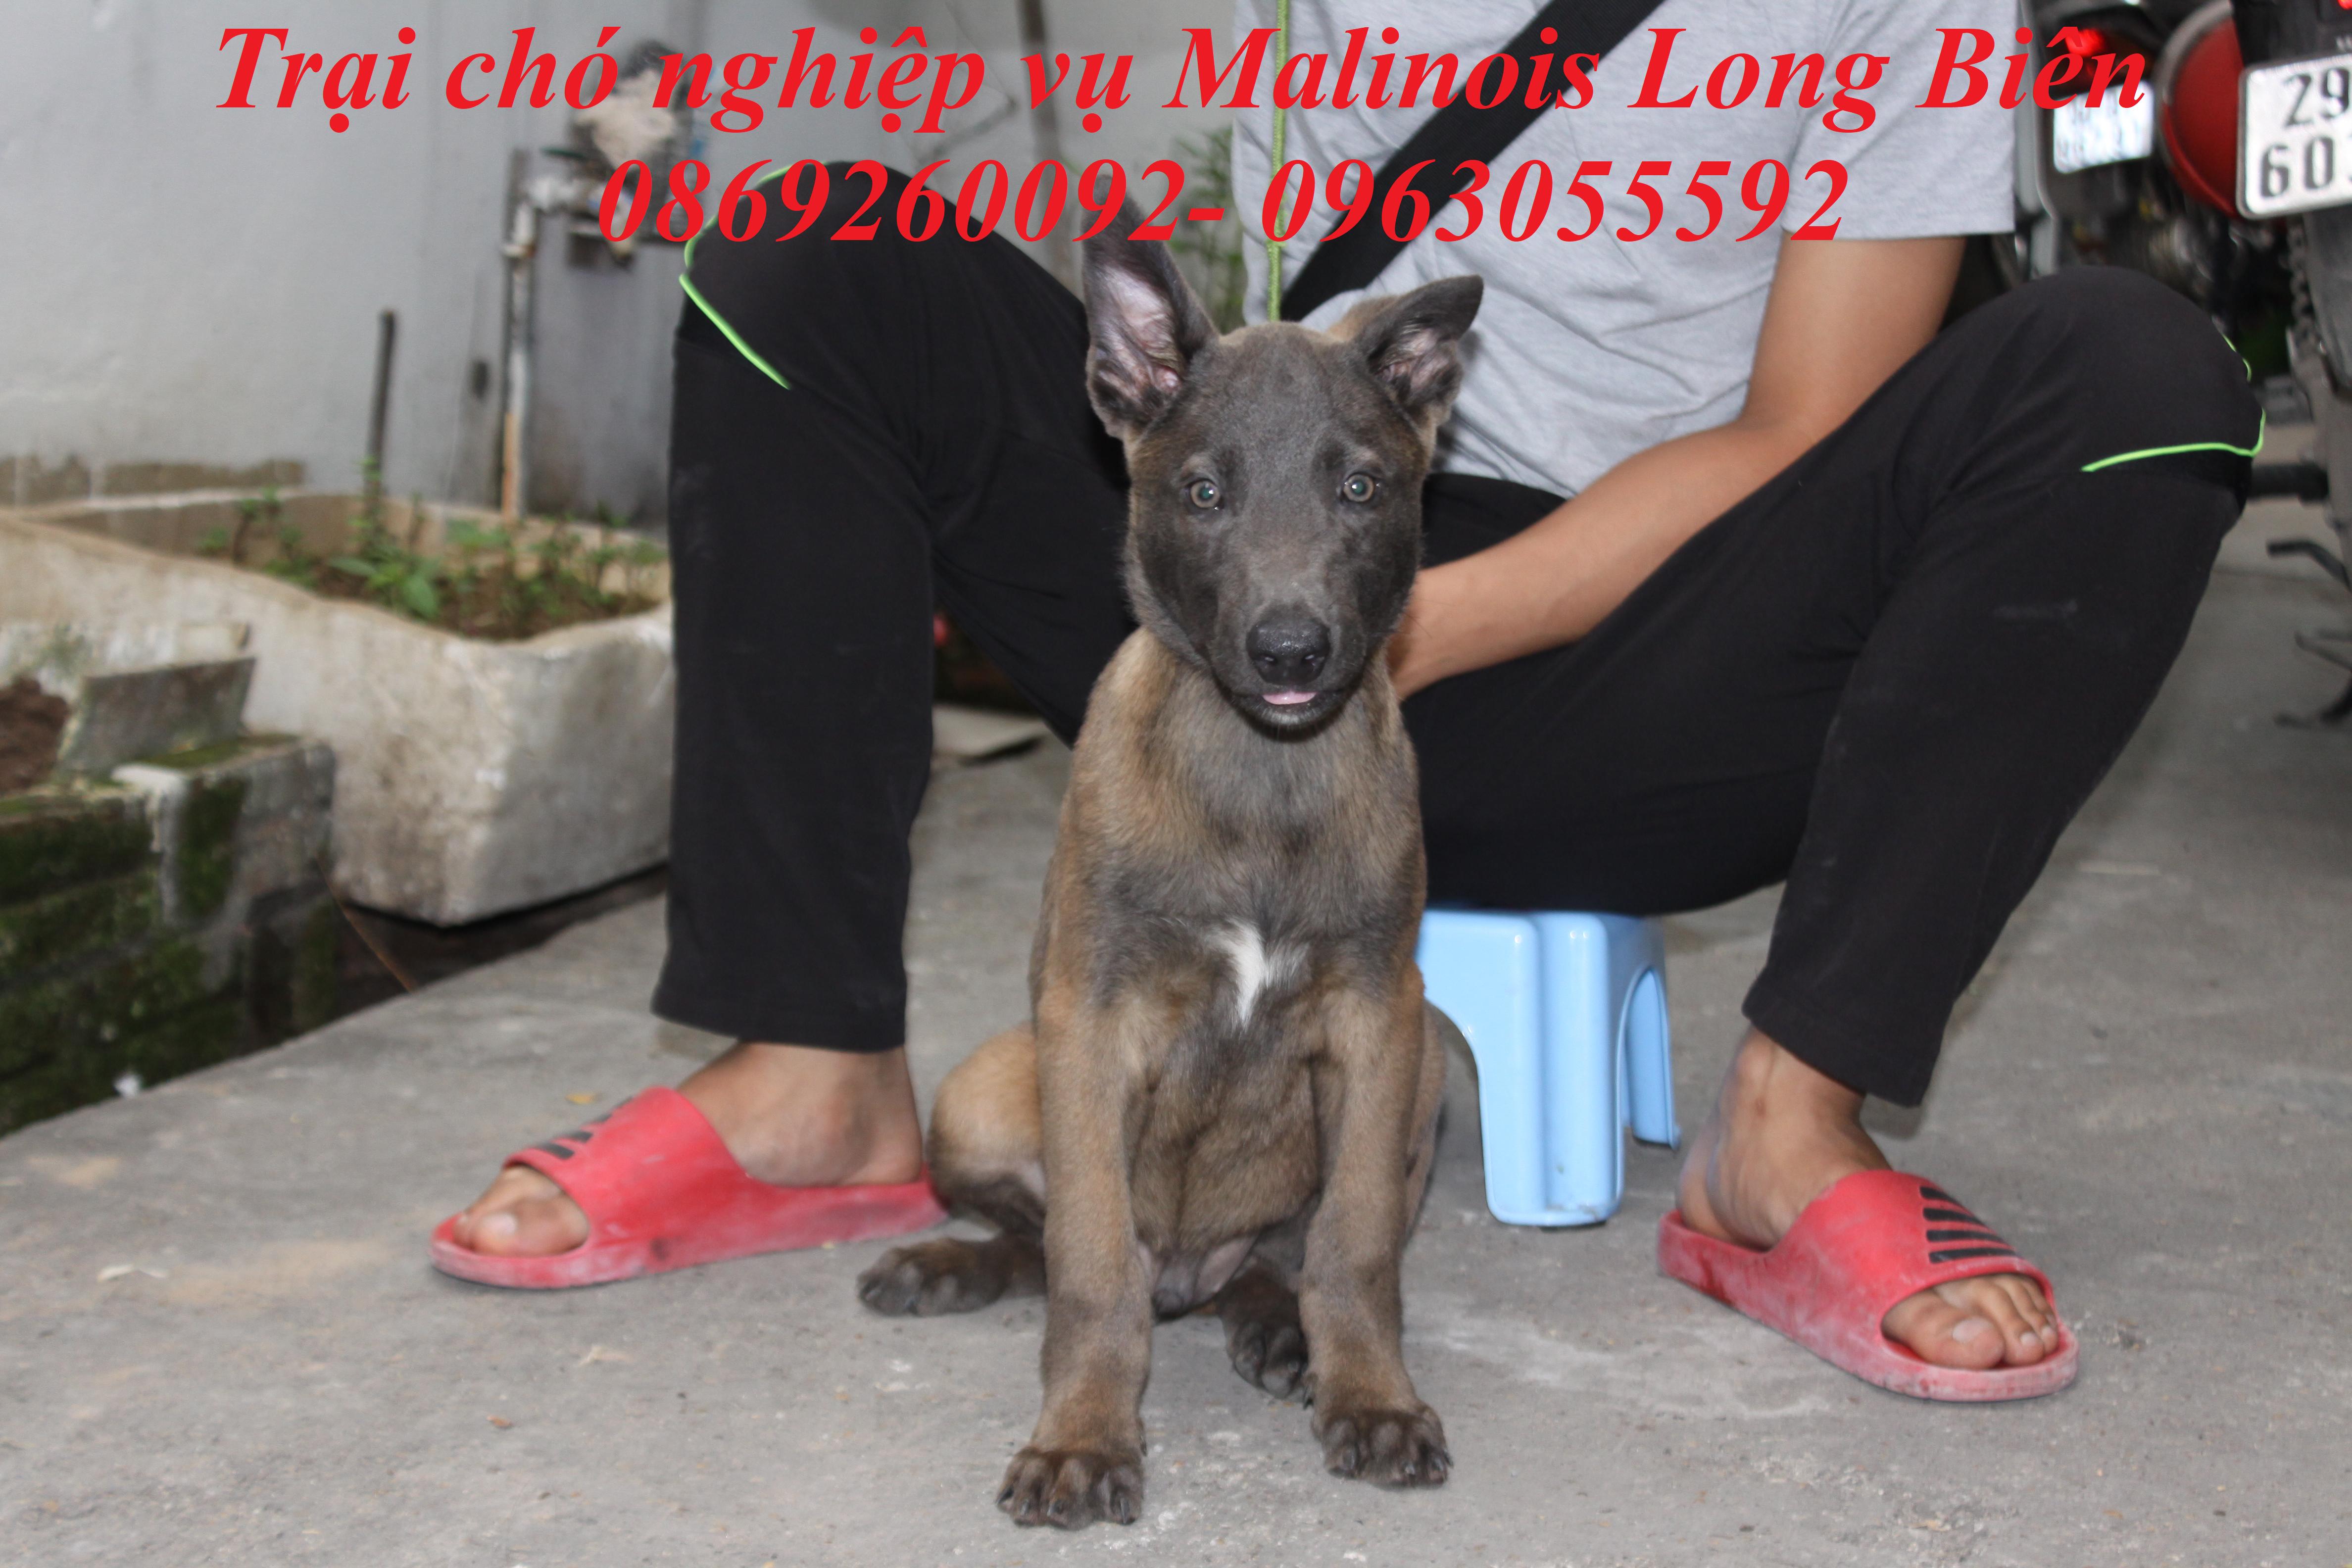 Tìm mua chó tại traị chó Malinois Long Biên